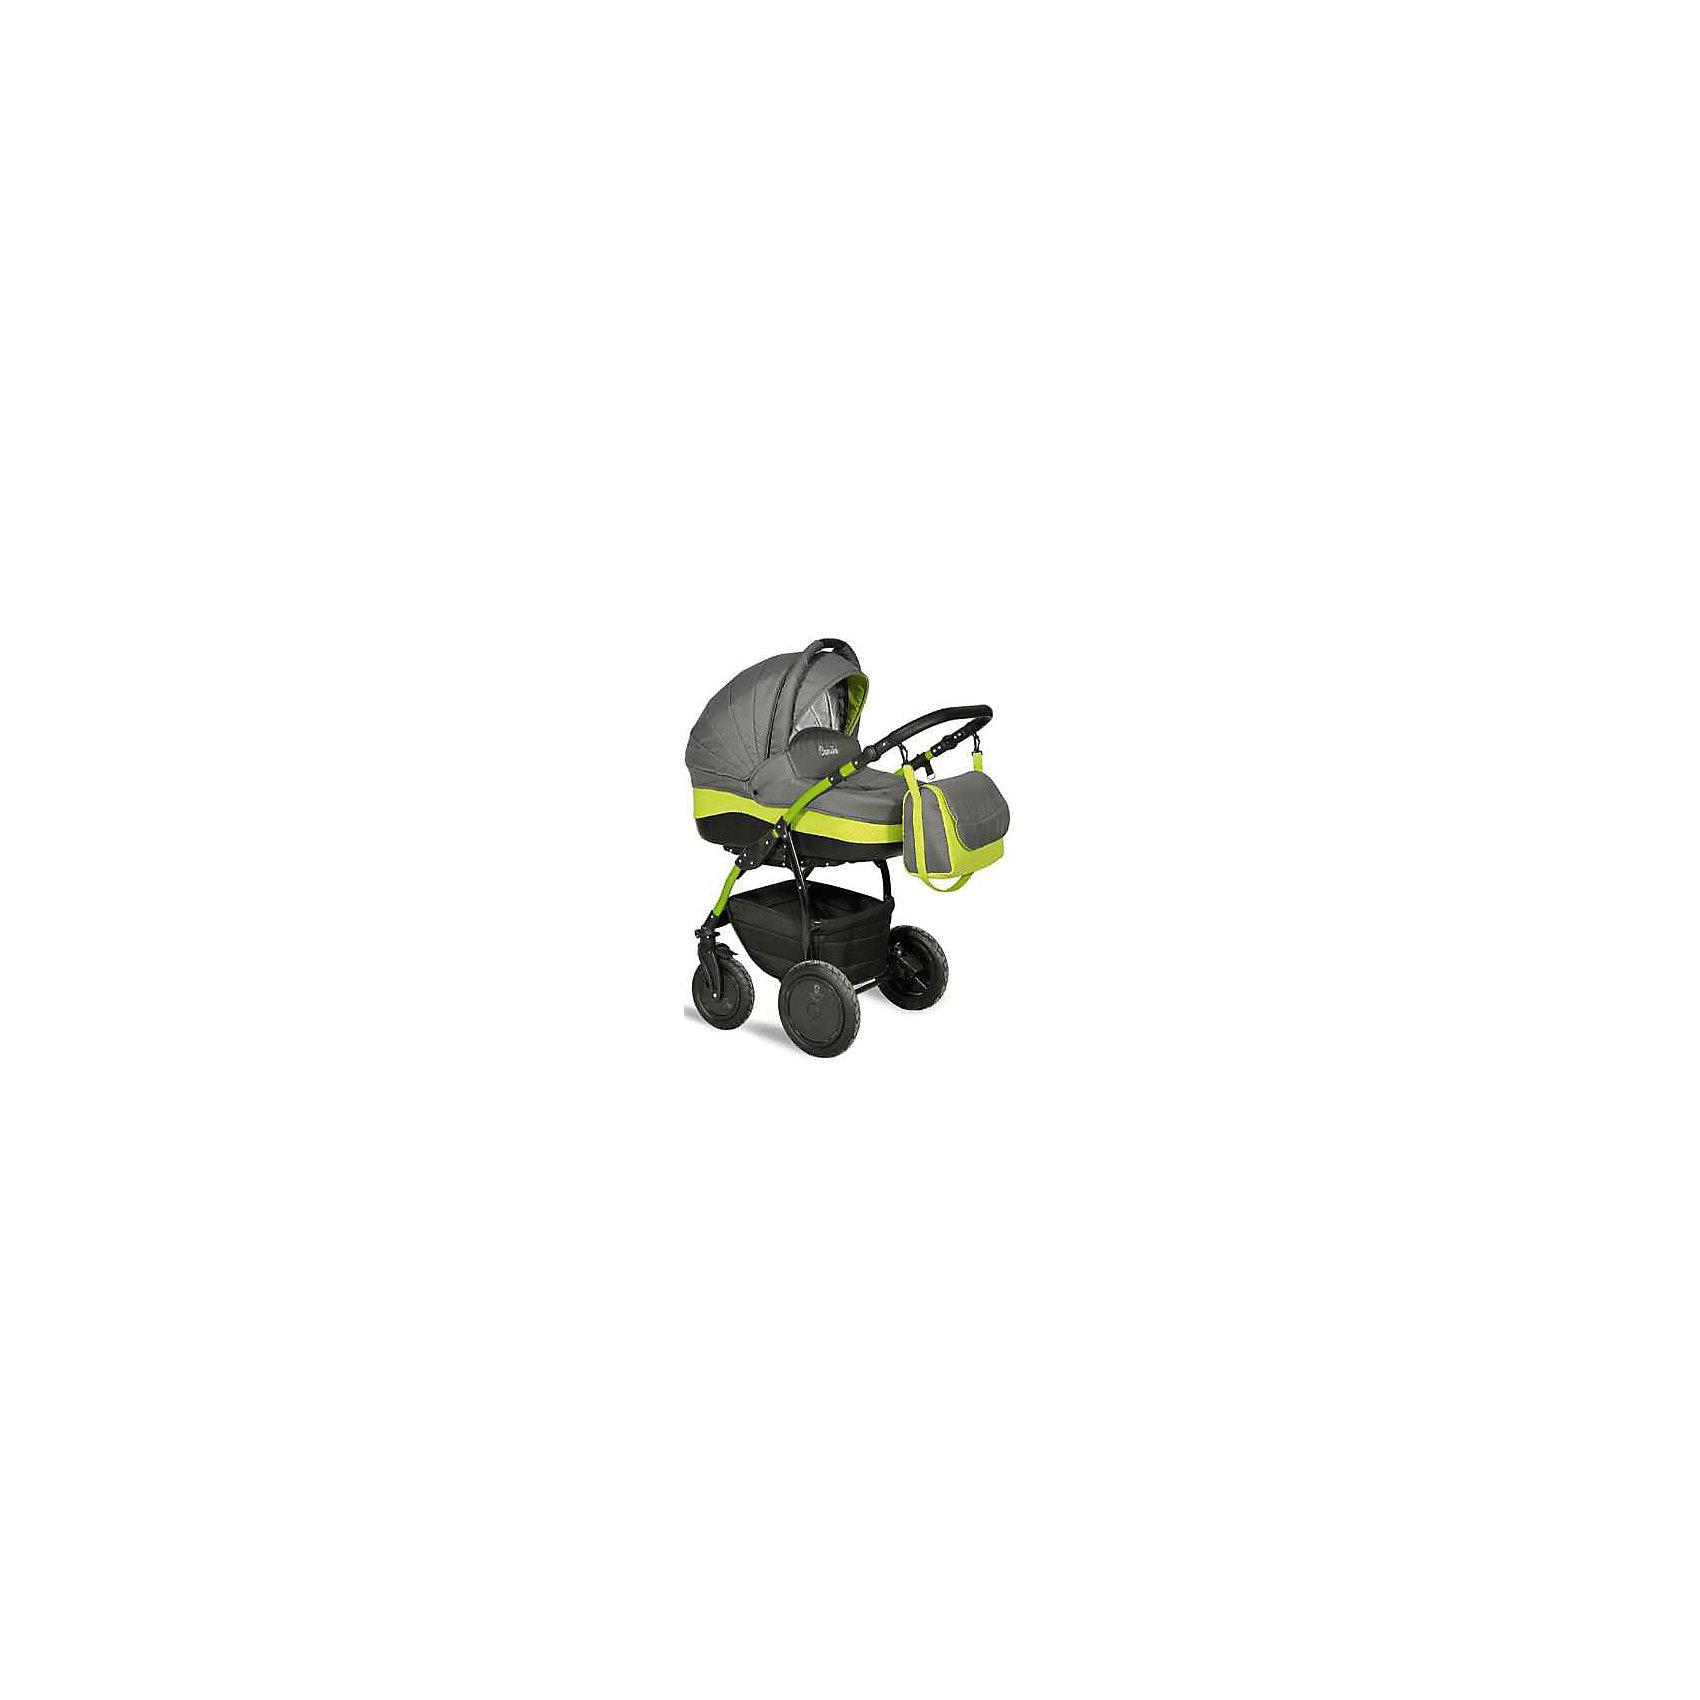 INDIGO Коляска 2 в 1 Camila, Indigo, графит/салатовый универсальная коляска indigo isabel s 2 в 1 07 white blue